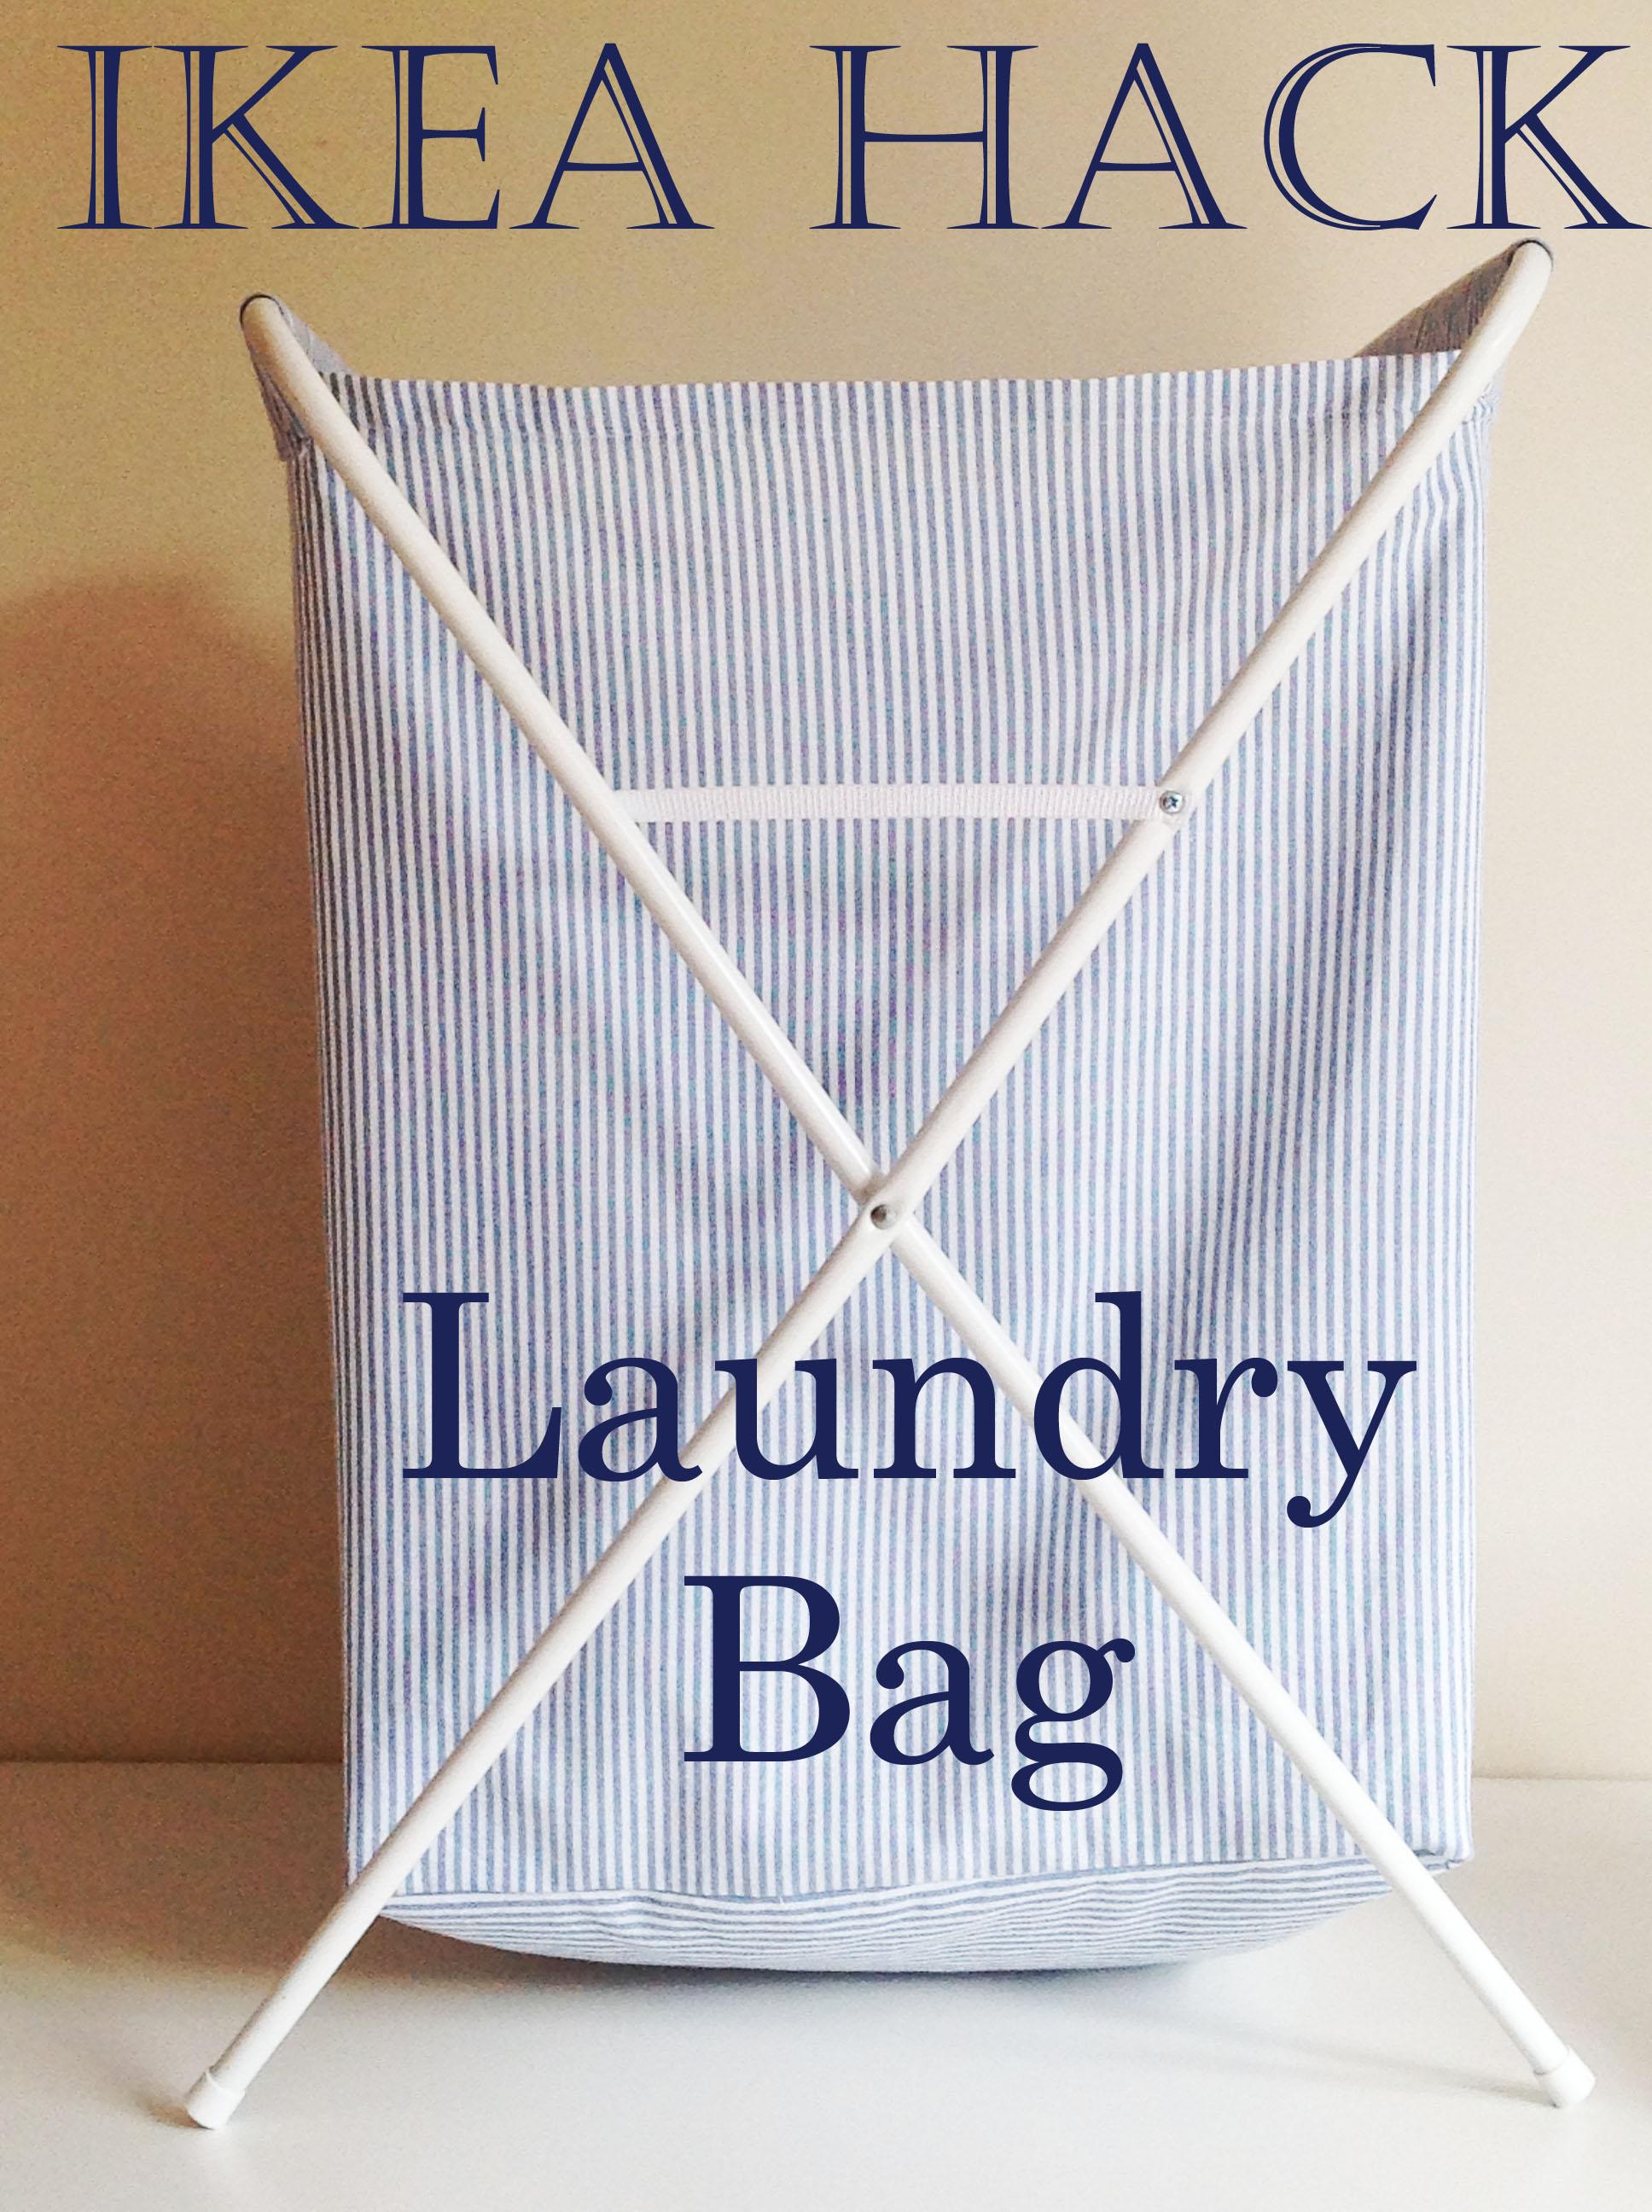 Ikea Hack Jall Laundry Bag Once Again My Dear Irene